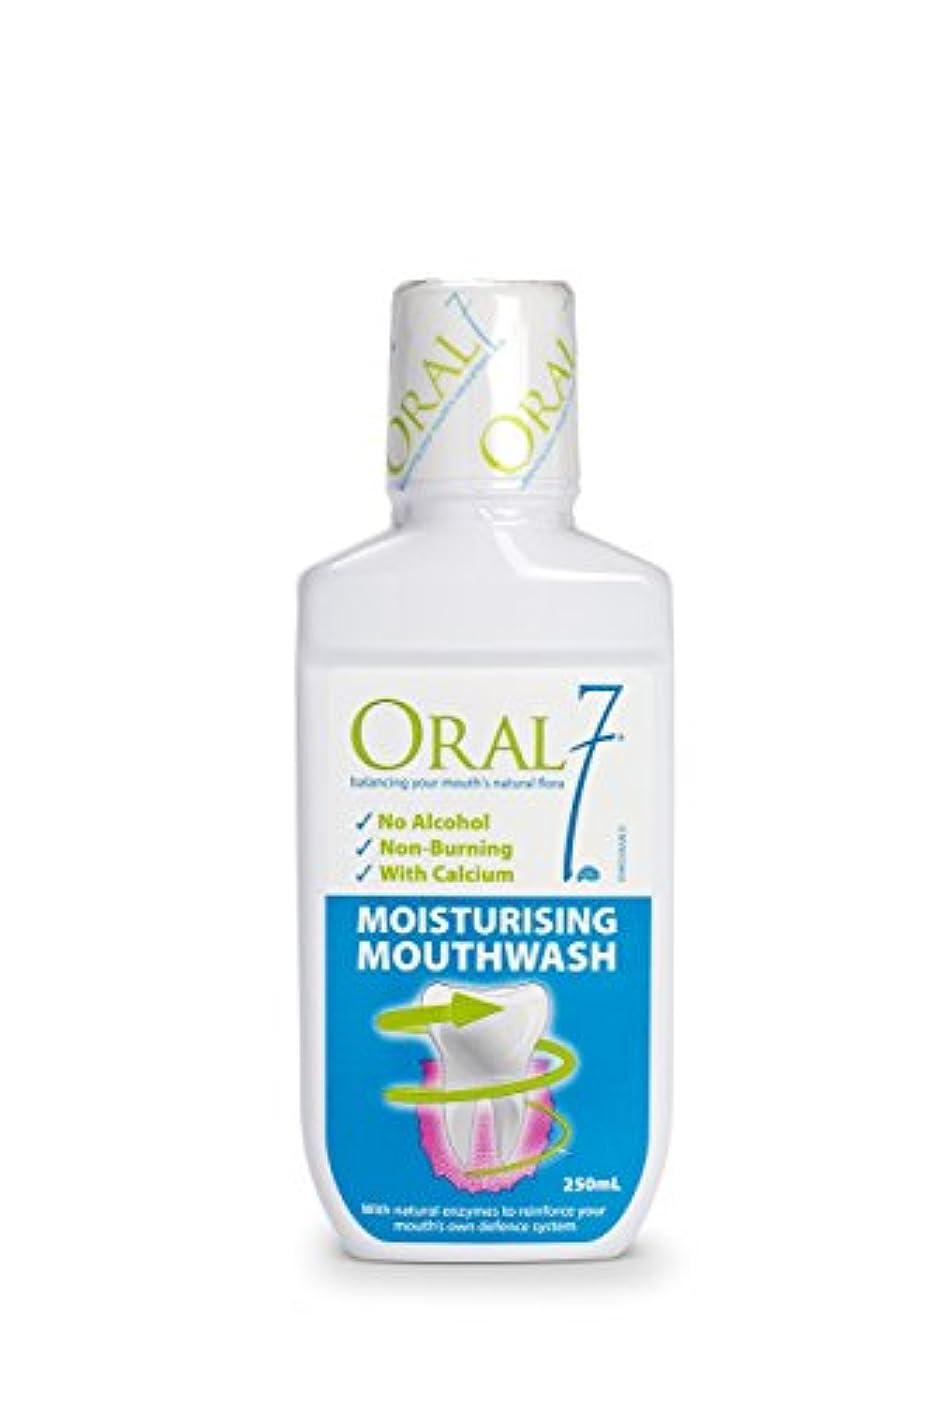 のれんミント万一に備えてオーラル7 モイスチャライジング マウスウォッシュ 250ml 4種の天然酵素配合!お口の乾燥対策に 口腔内保湿 口臭予防 ノンアルコール 口腔ケア